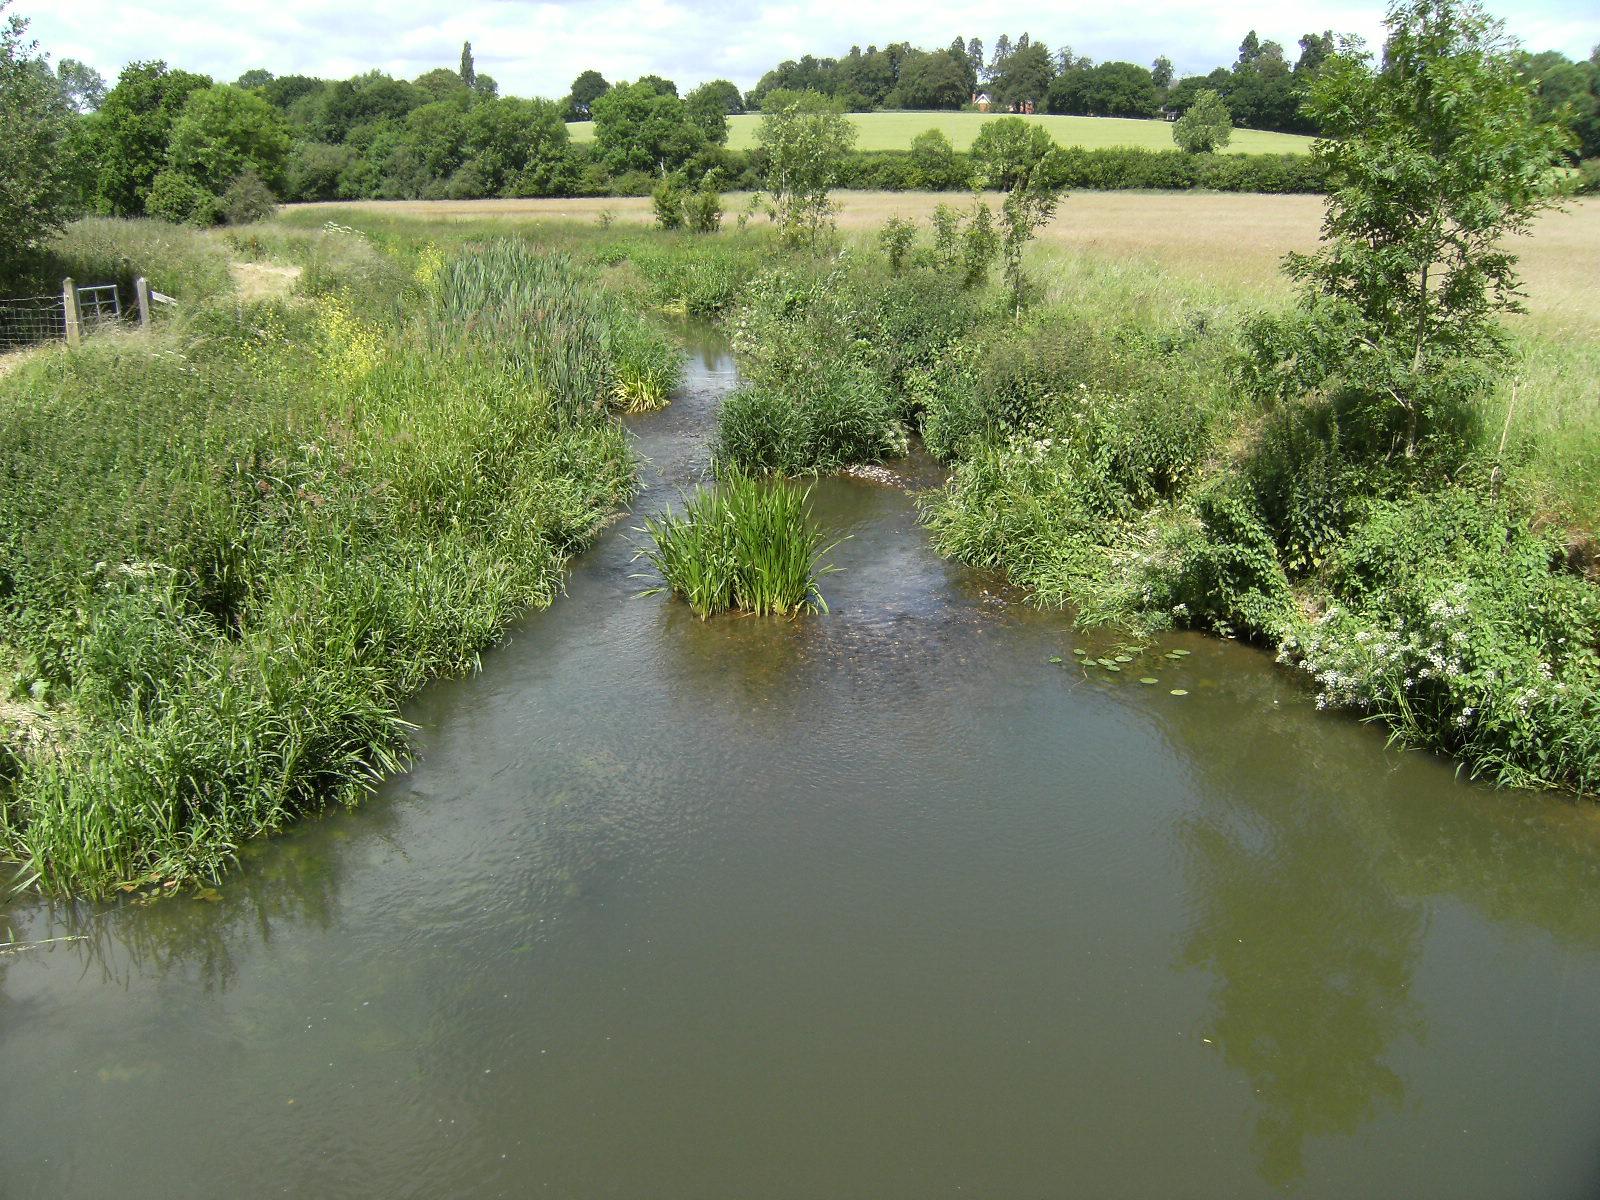 DSCF1008 River Eden outside Penshurst (normal level)